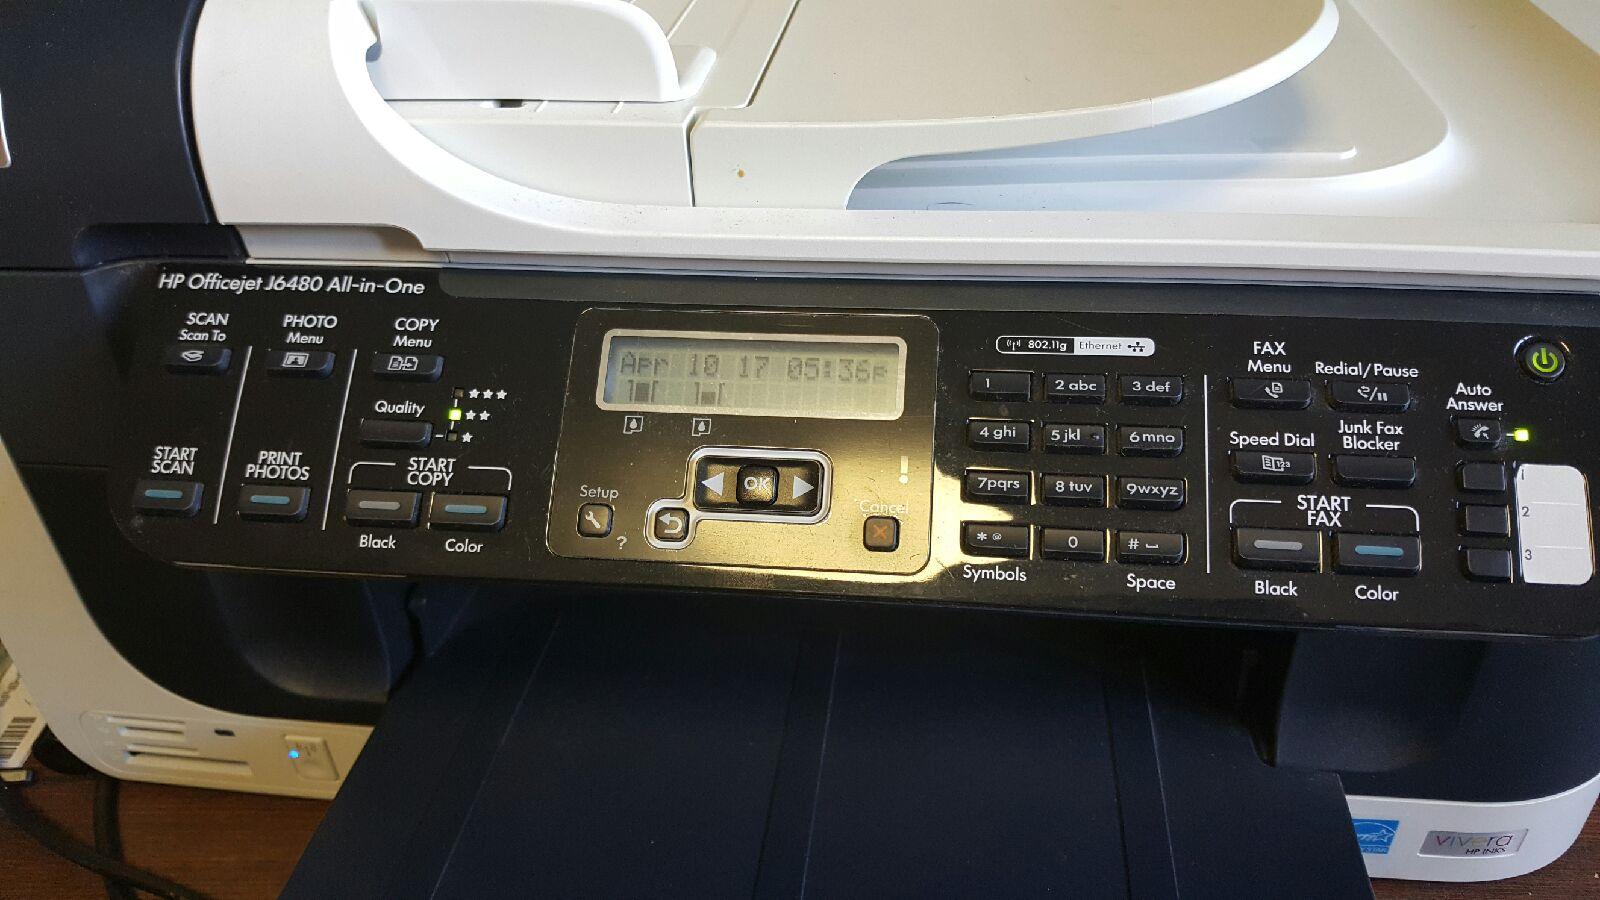 Printers That Use HP 920 Ink Cartridge